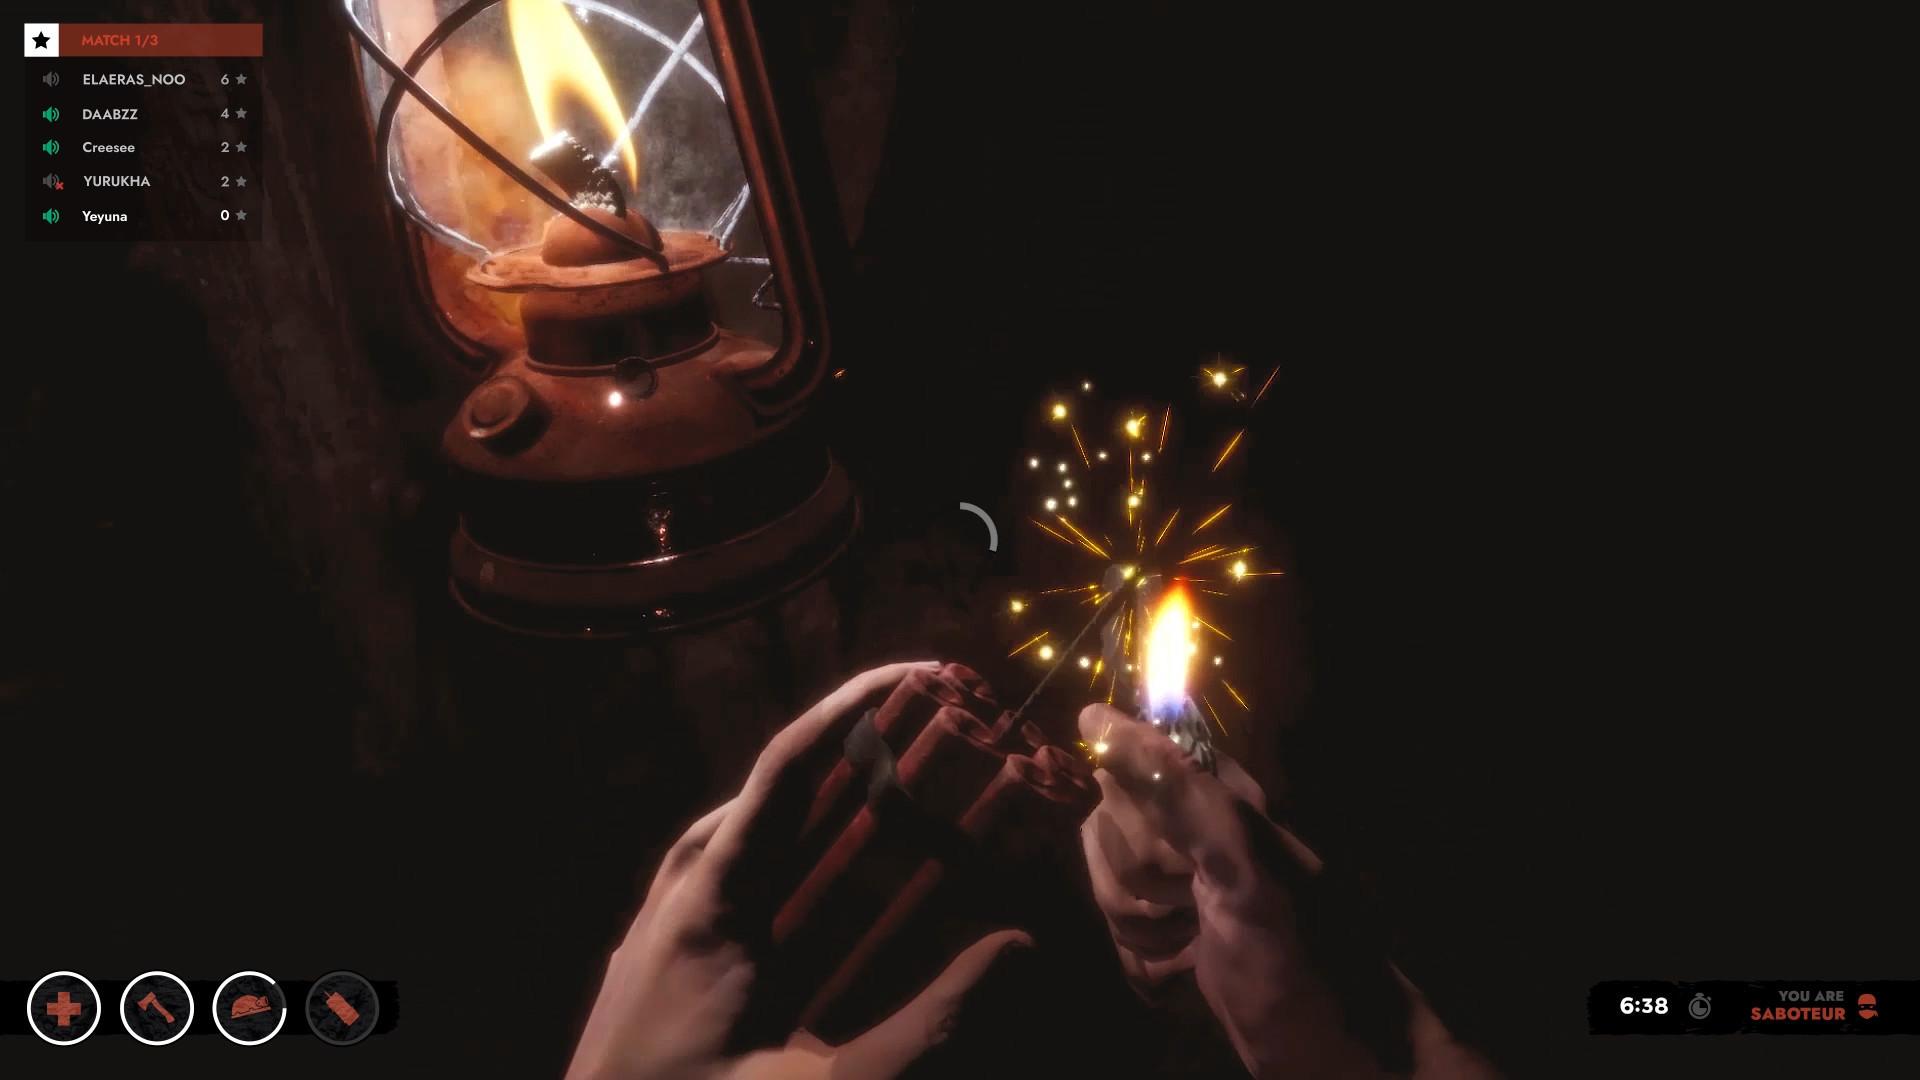 挖金矿狼人杀类游戏《The Sabotage》预计登陆Steam平台 Steam 游戏资讯 第5张